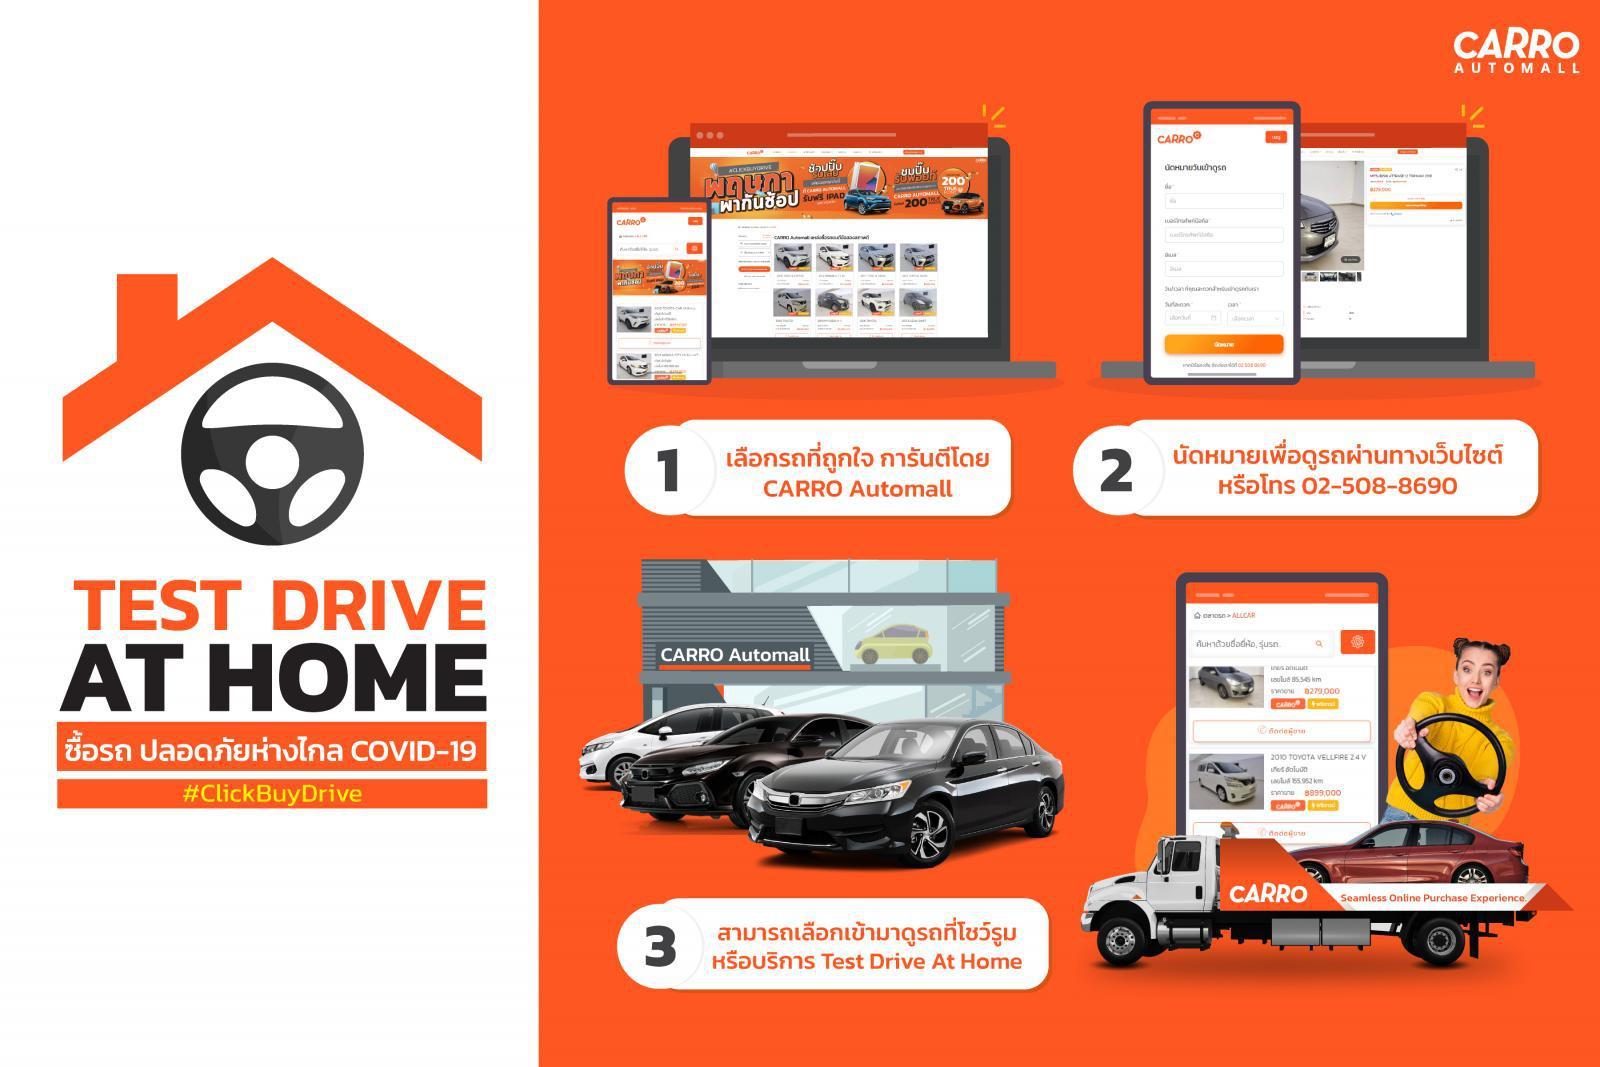 คาร์โร เสิร์ฟประสบการณ์ใหม่แบบไร้รอยต่อผ่านช่องทางออนไลน์  ไม่ว่าจะอยู่ที่ไหนก็ซื้อ-ขายรถยนต์ได้!!